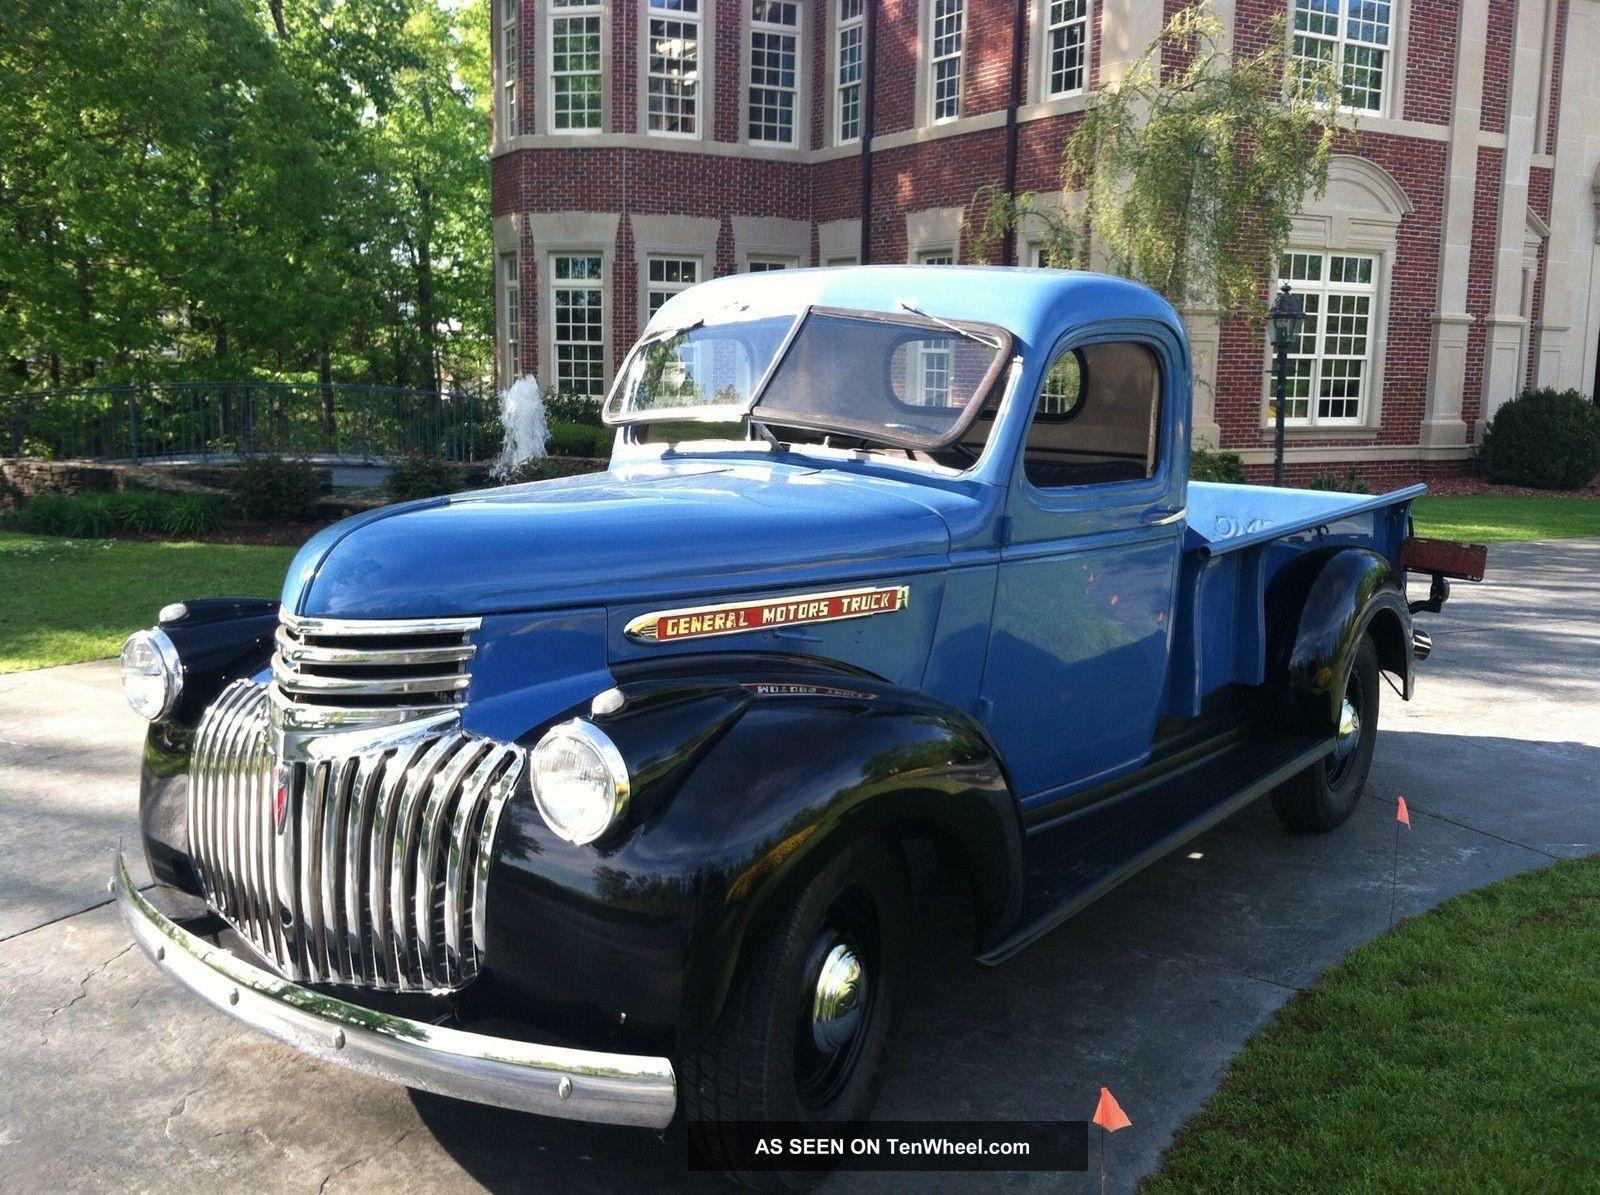 1947 General Motors Truck